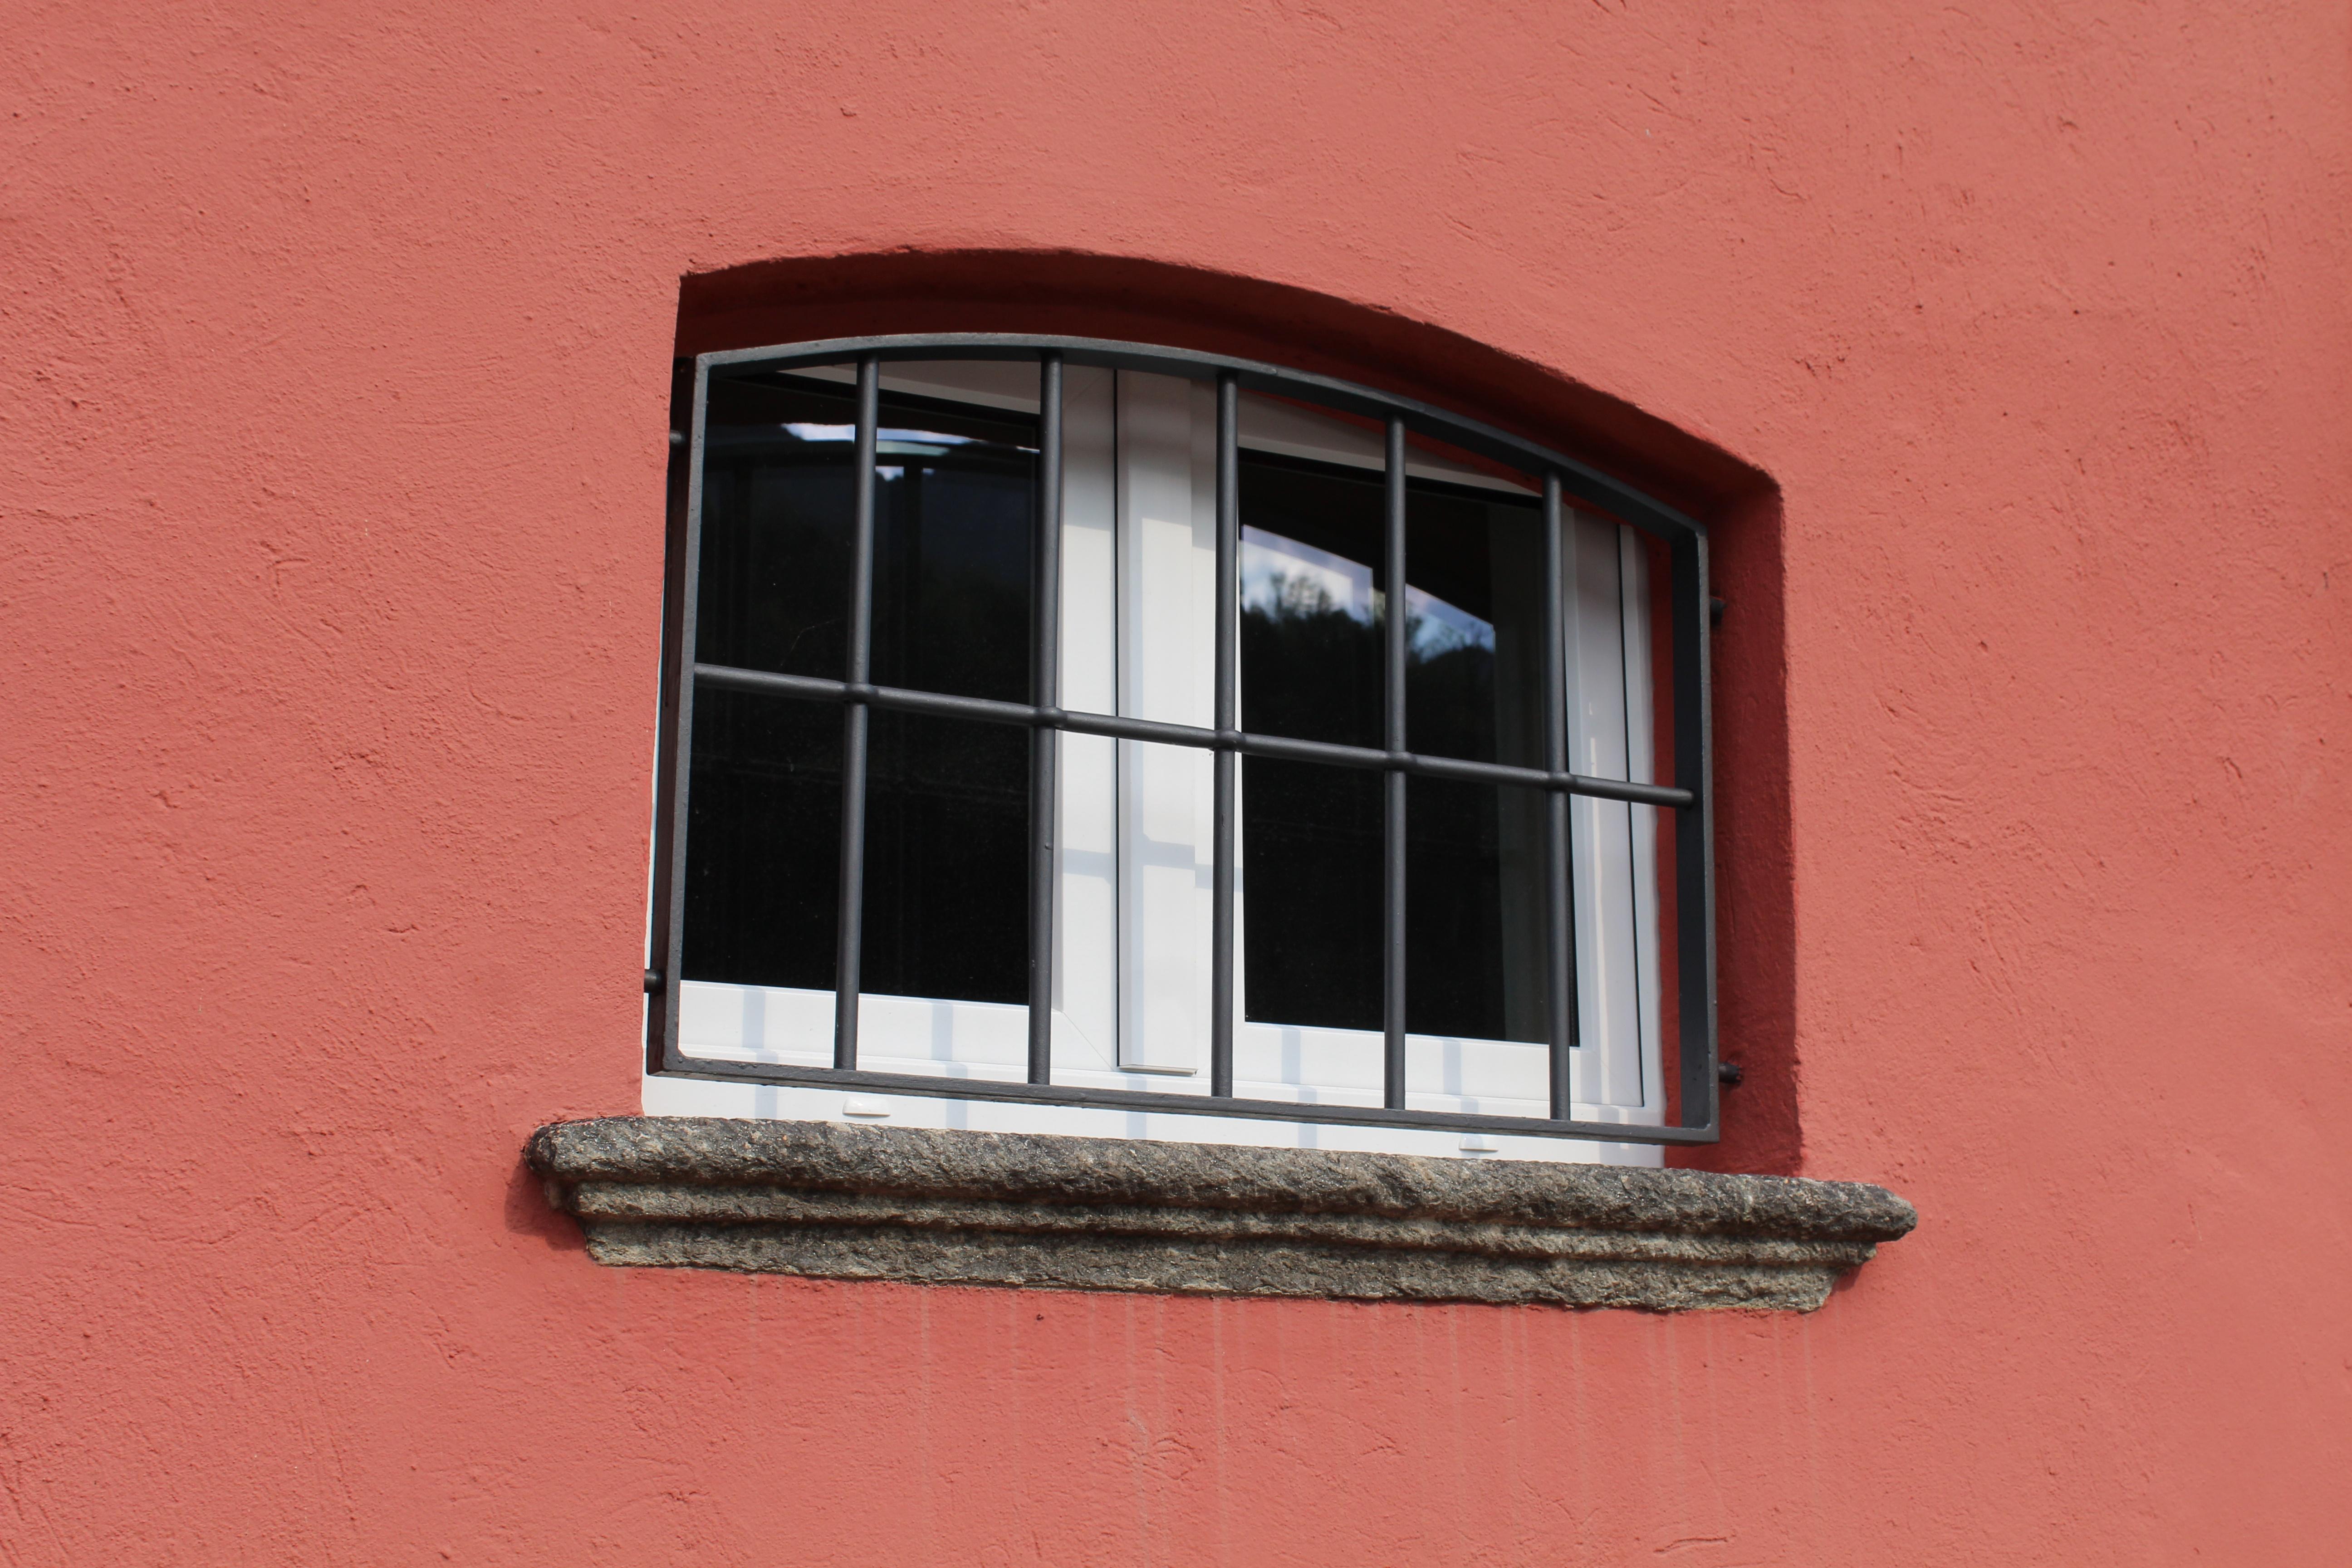 Kostenlose foto : die Architektur, Holz, Weiß, Haus, Fenster, Mauer ...